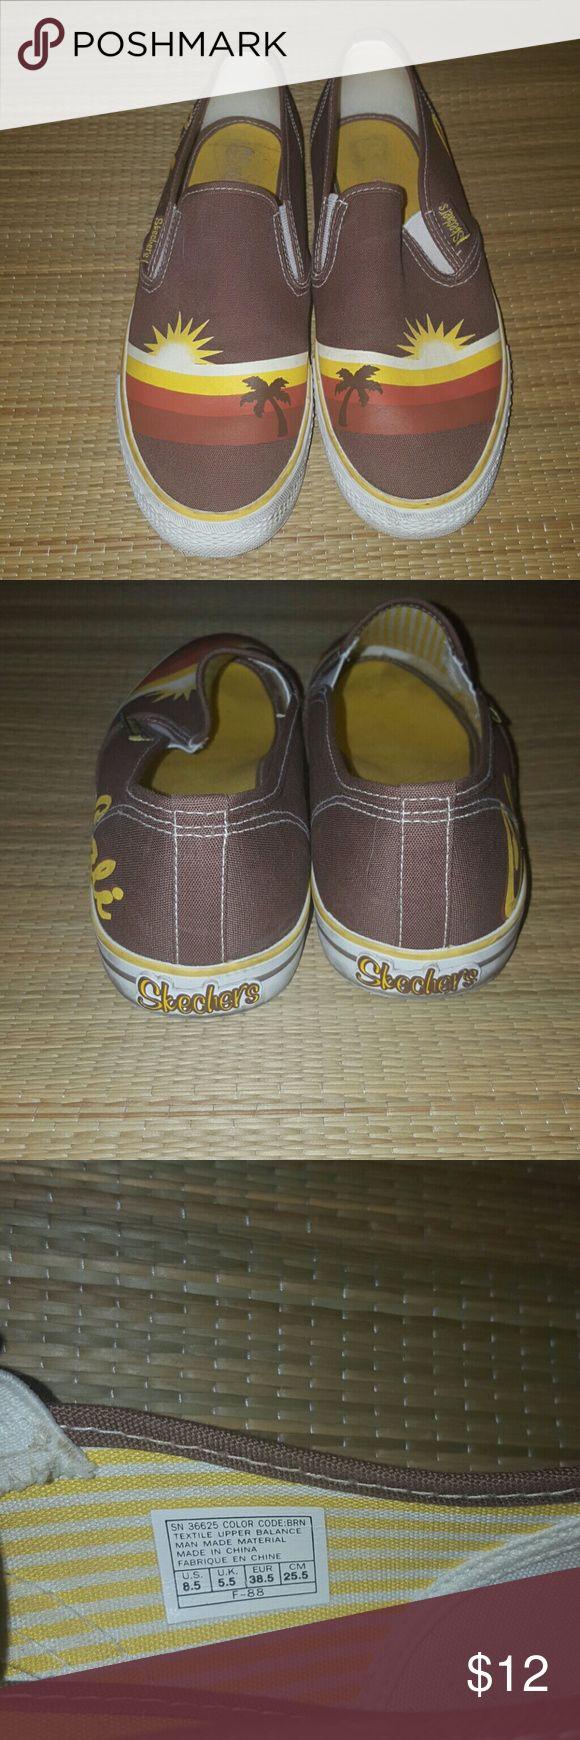 Skechers cali slip on shoes Skechers cali slip on shoes Skechers Shoes Slippers